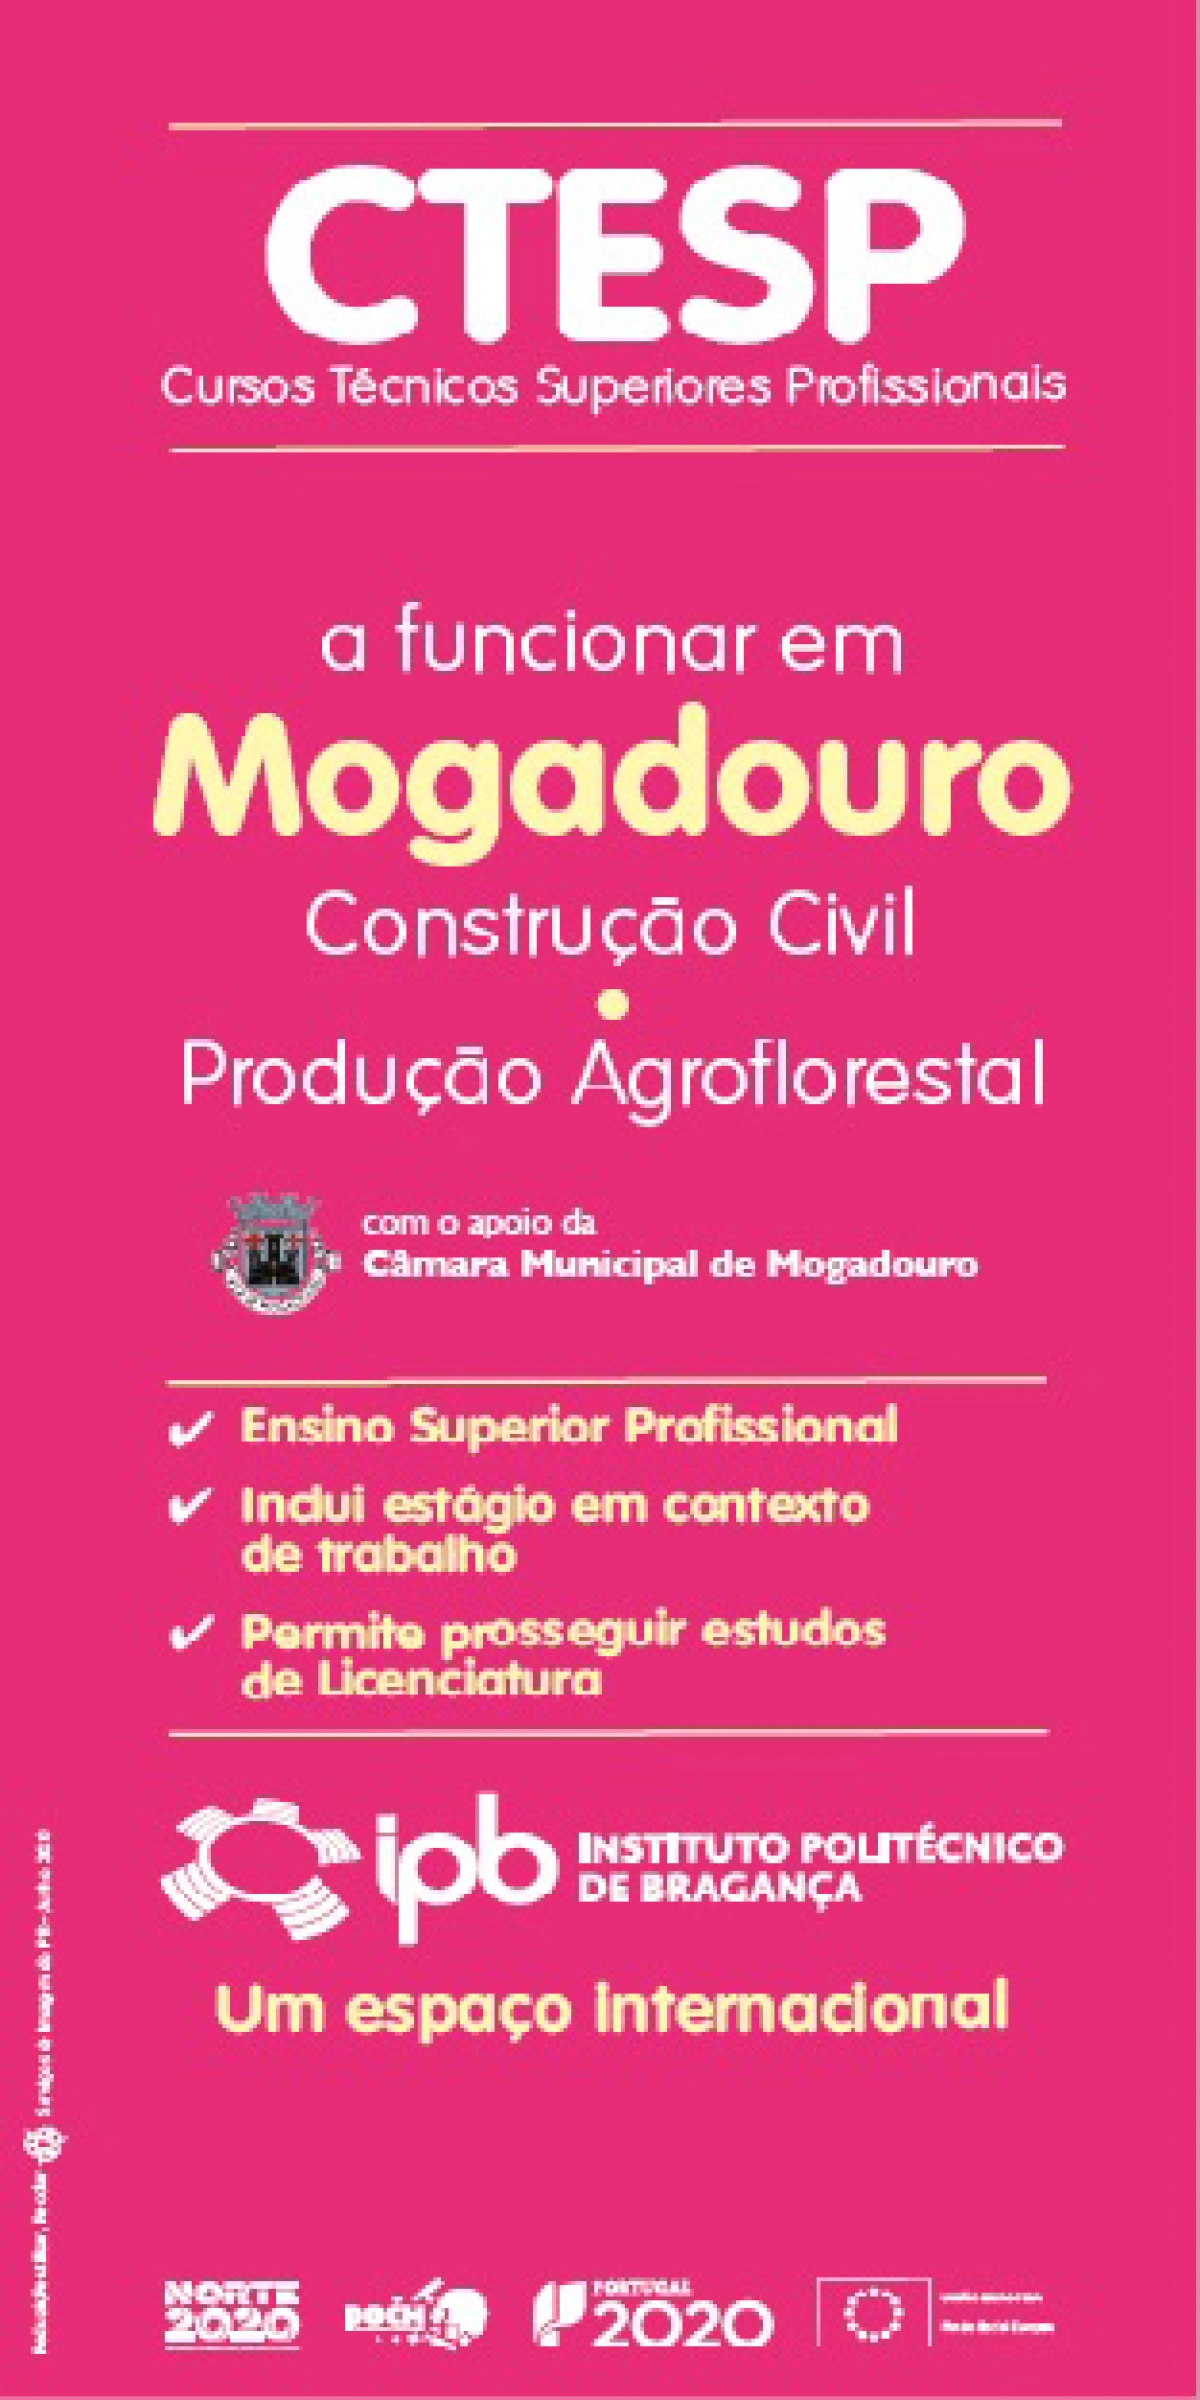 Protocolo CTeSP de Construção Civil - Instituto Politécnico de Bragança